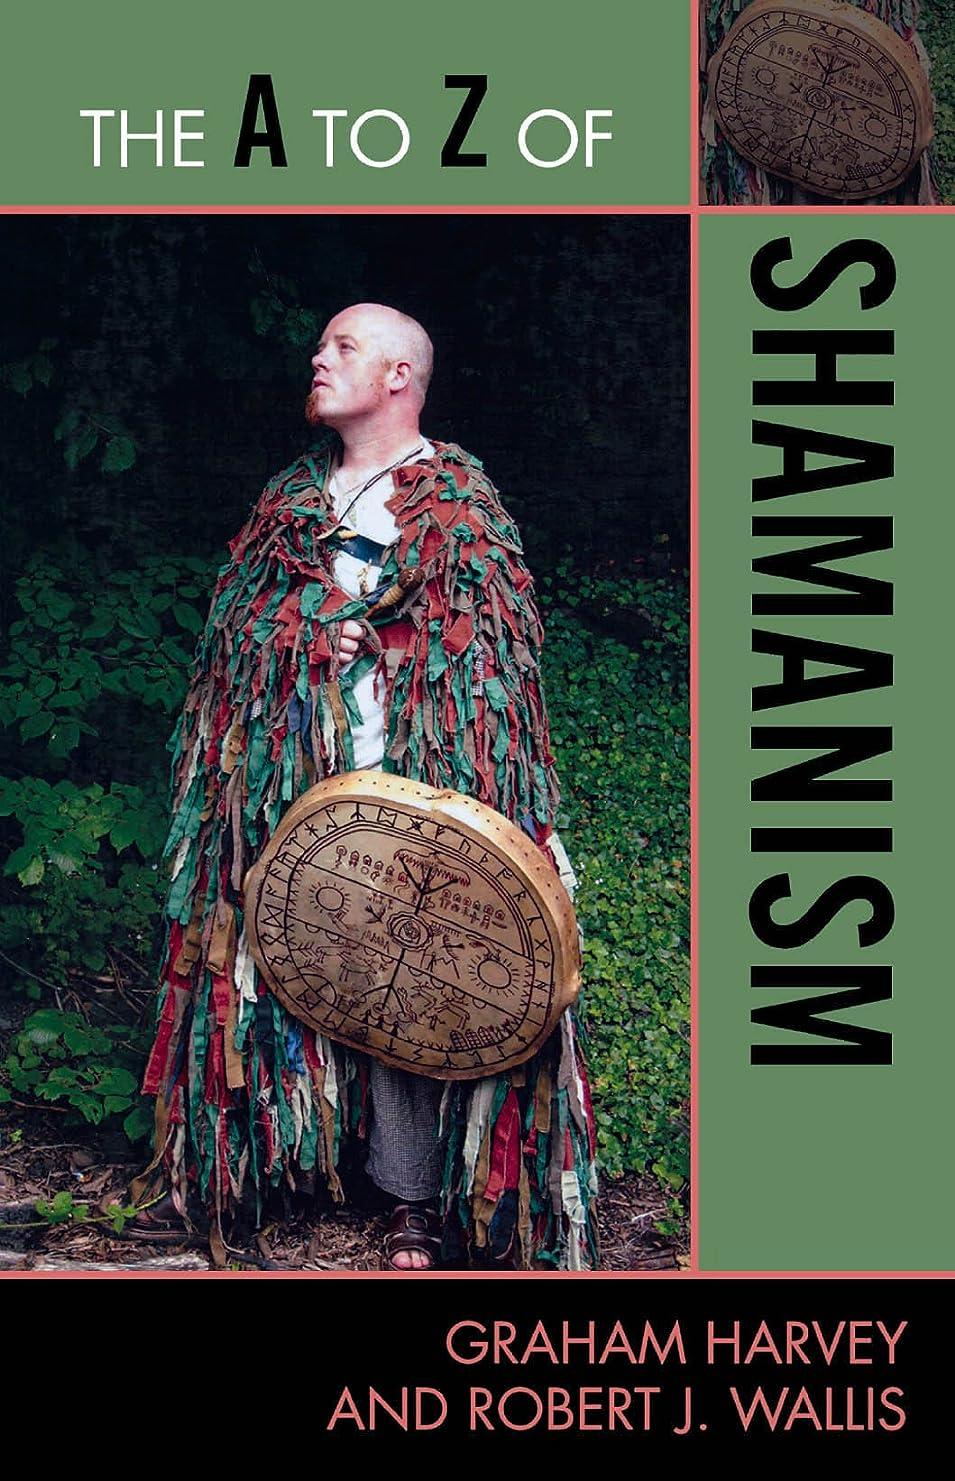 チョップスイス人専らThe A to Z of Shamanism (The A to Z Guide Series Book 173) (English Edition)